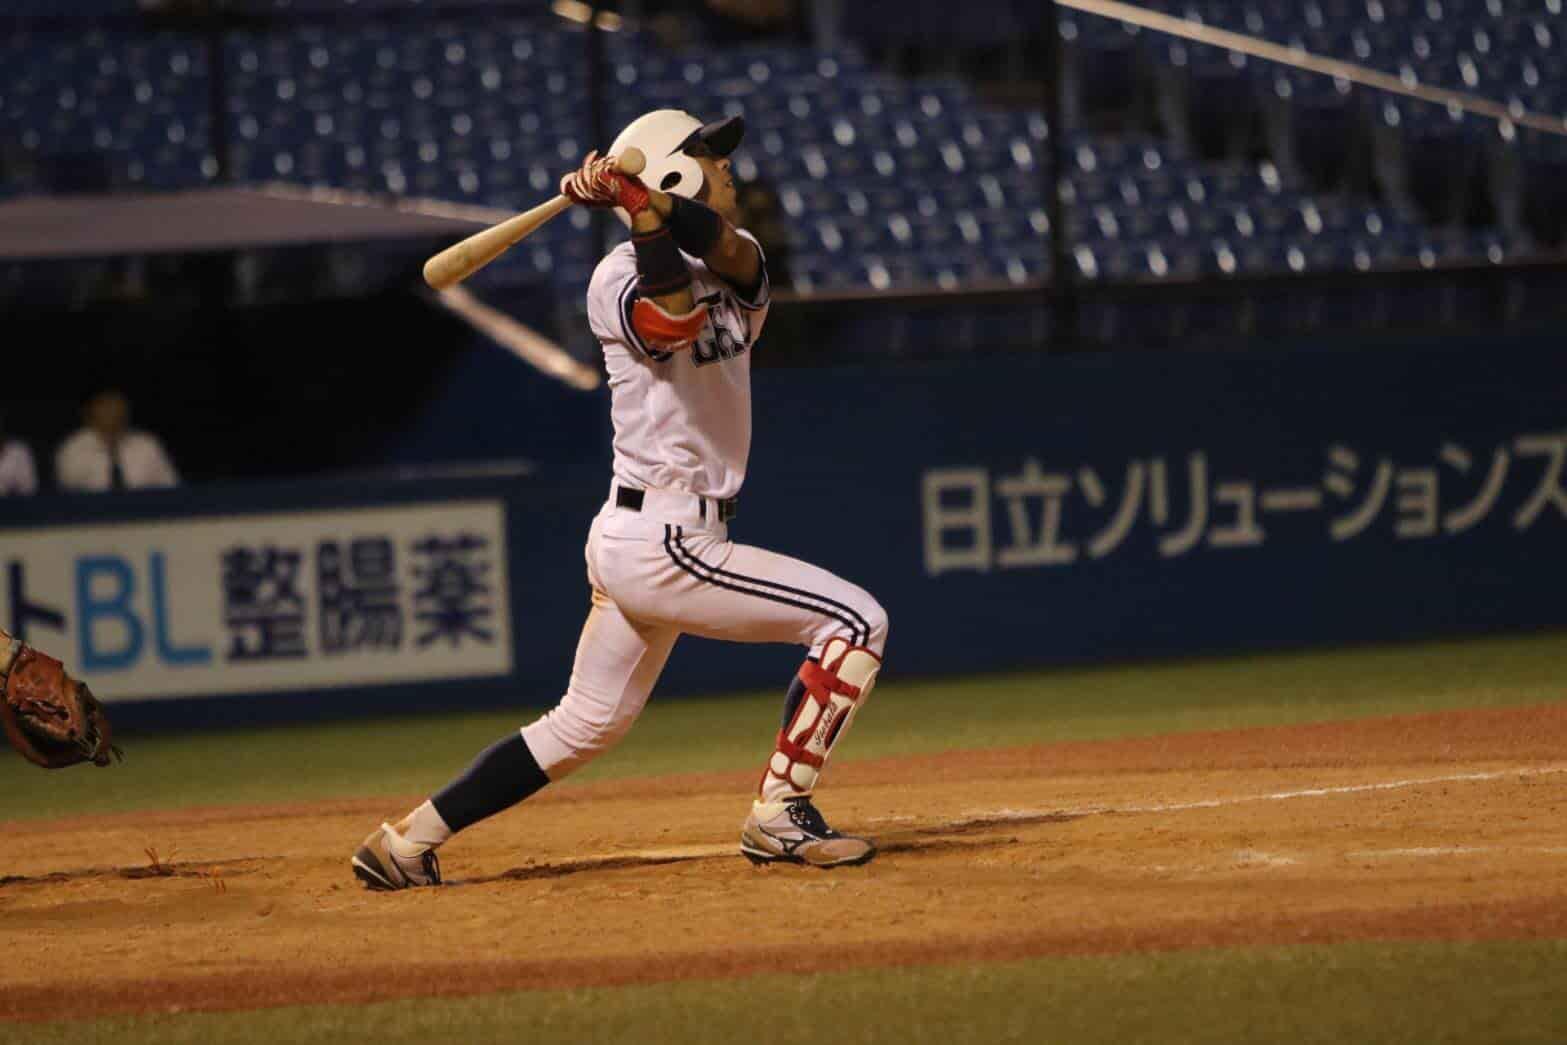 バッティングをする五十幡亮汰選手。